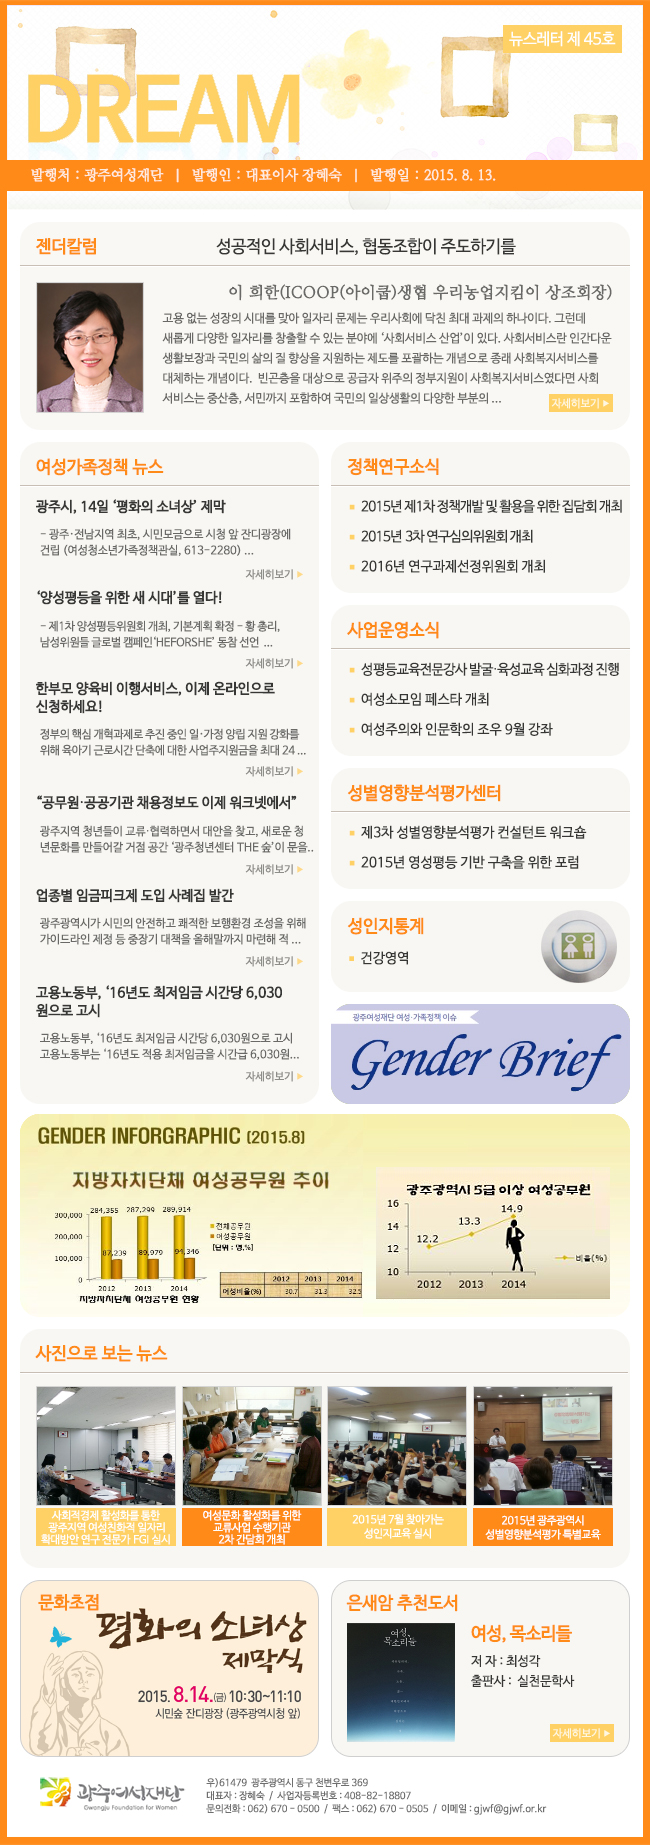 뉴스레터 드림 45호(15.8월) 썸네일